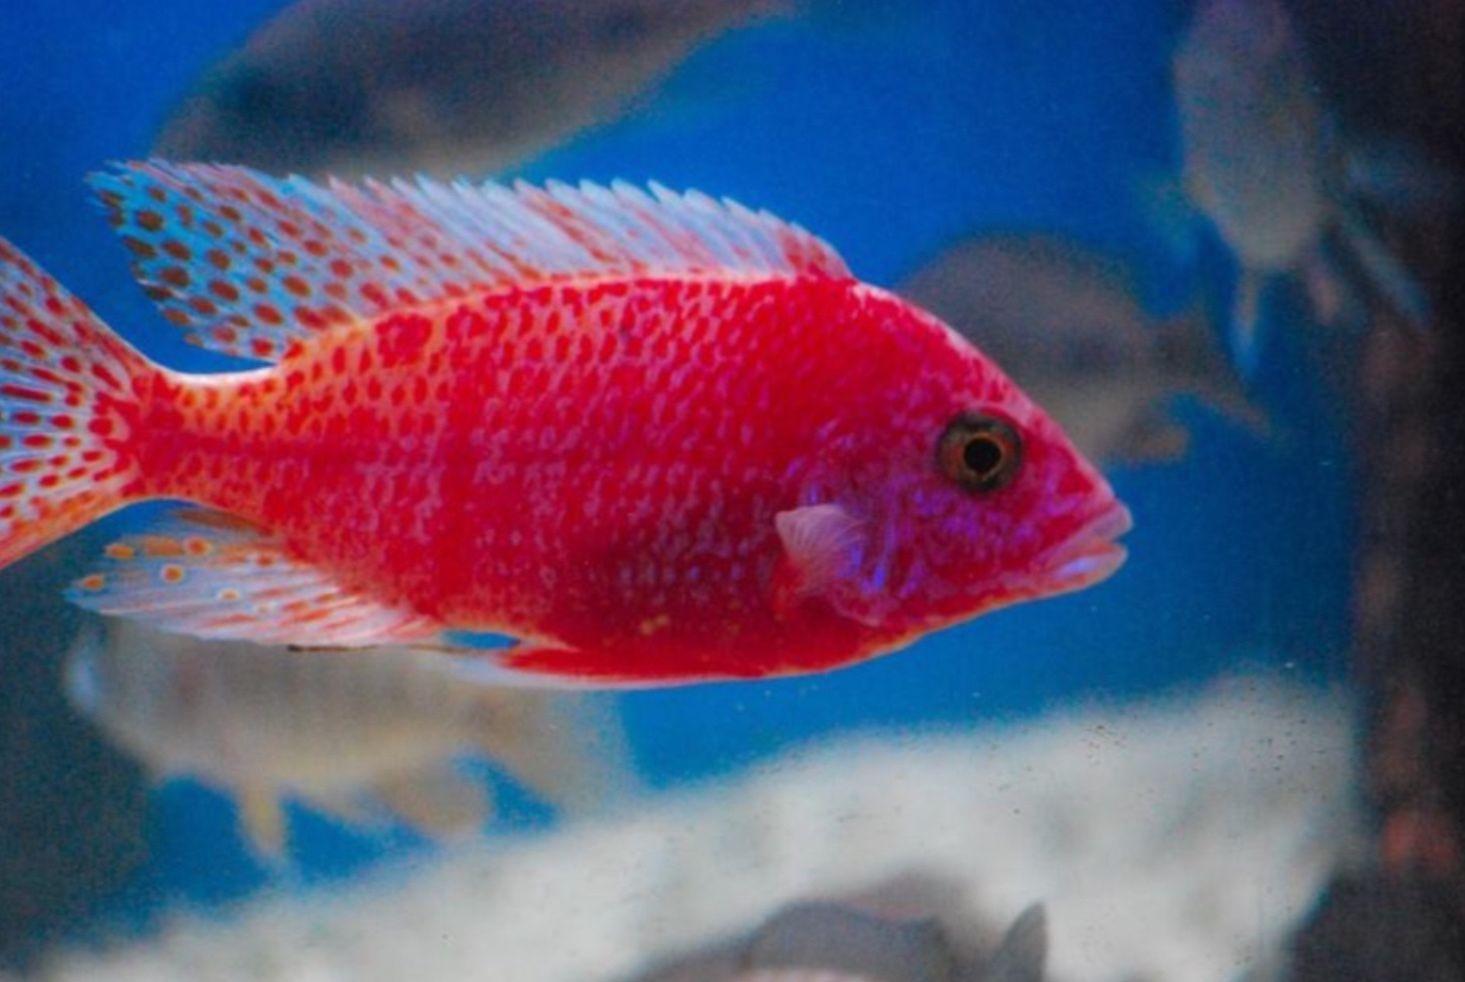 Aquarium Fish For Sale | Aquarium | Pinterest | Aquarium fish and ...